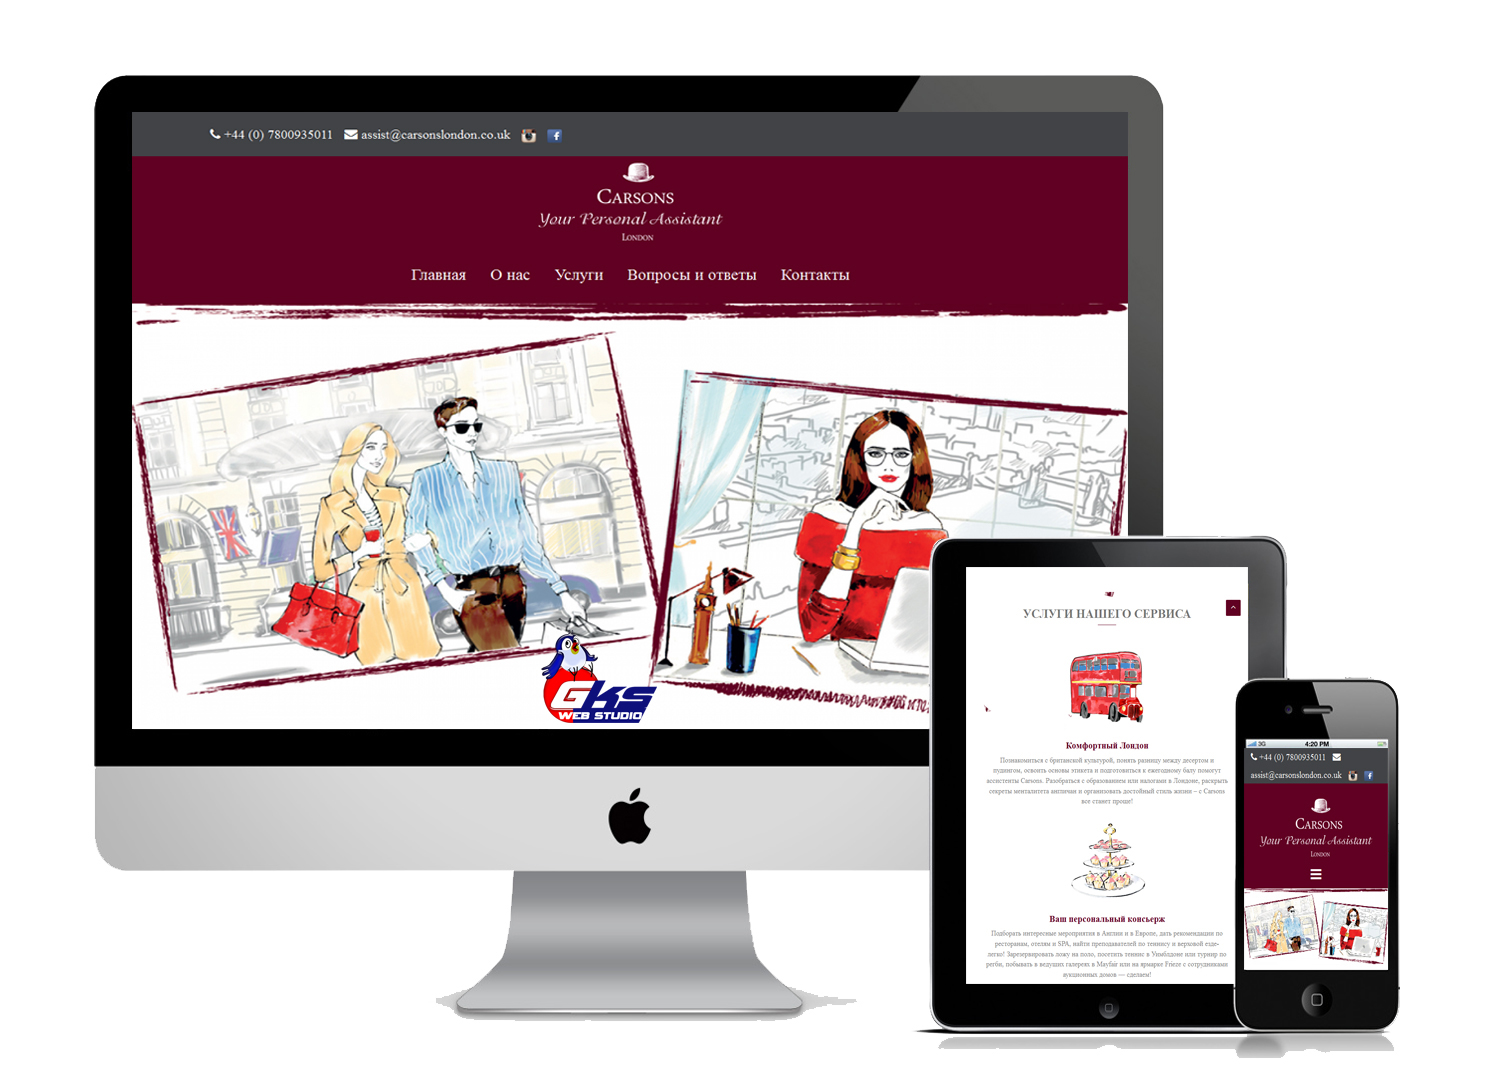 Створення сайту Carsons London